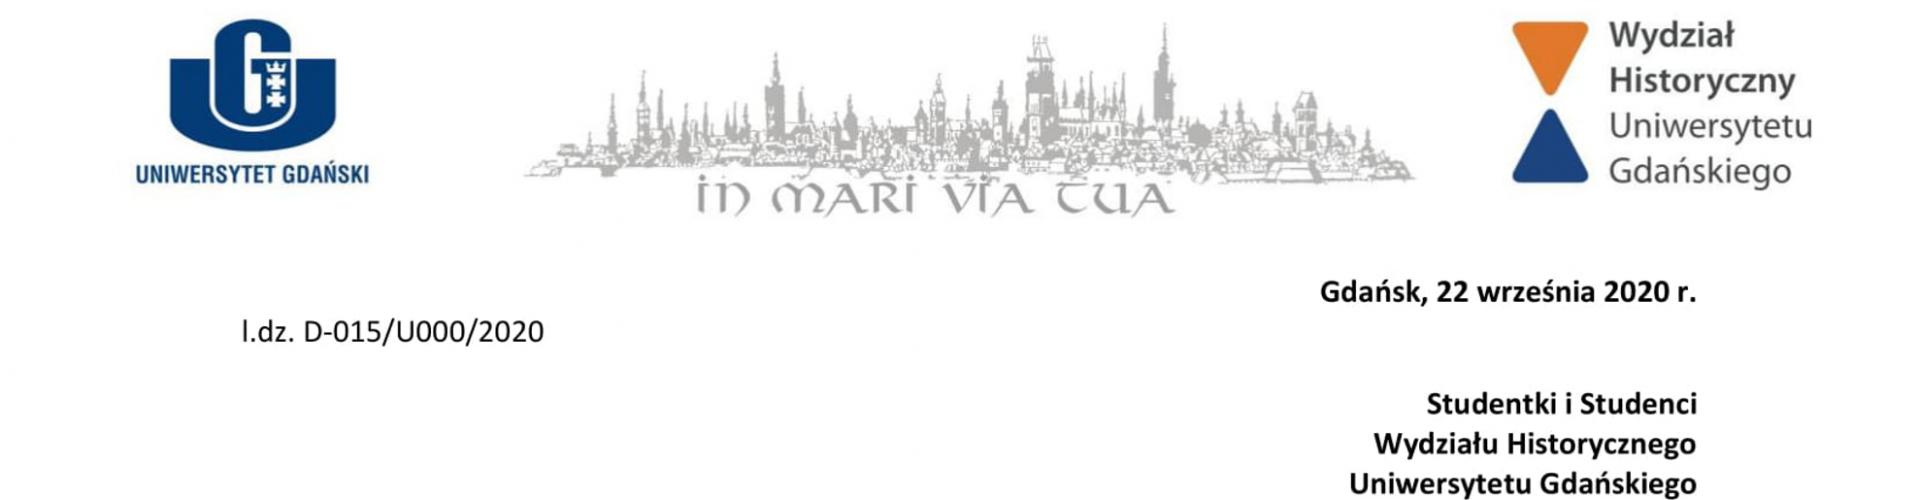 Inauguracja - list Dziekana Wydziału Historycznego UG do Studentów